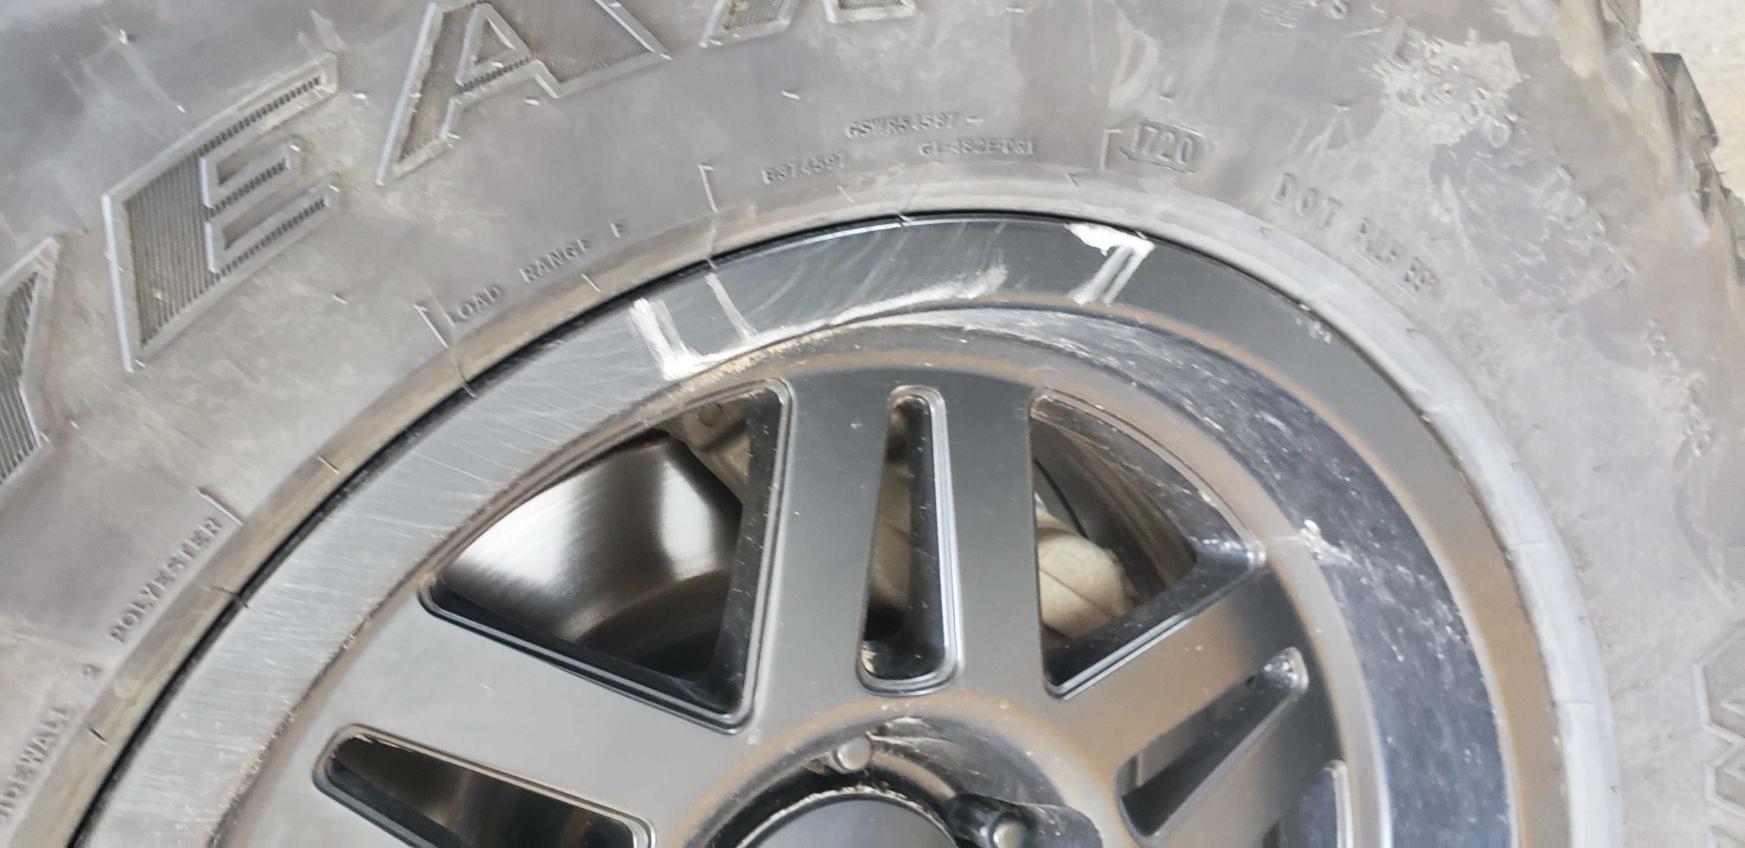 SCS Stealth 6 wheels 17x8.5-20191005_134533_compress18-jpg